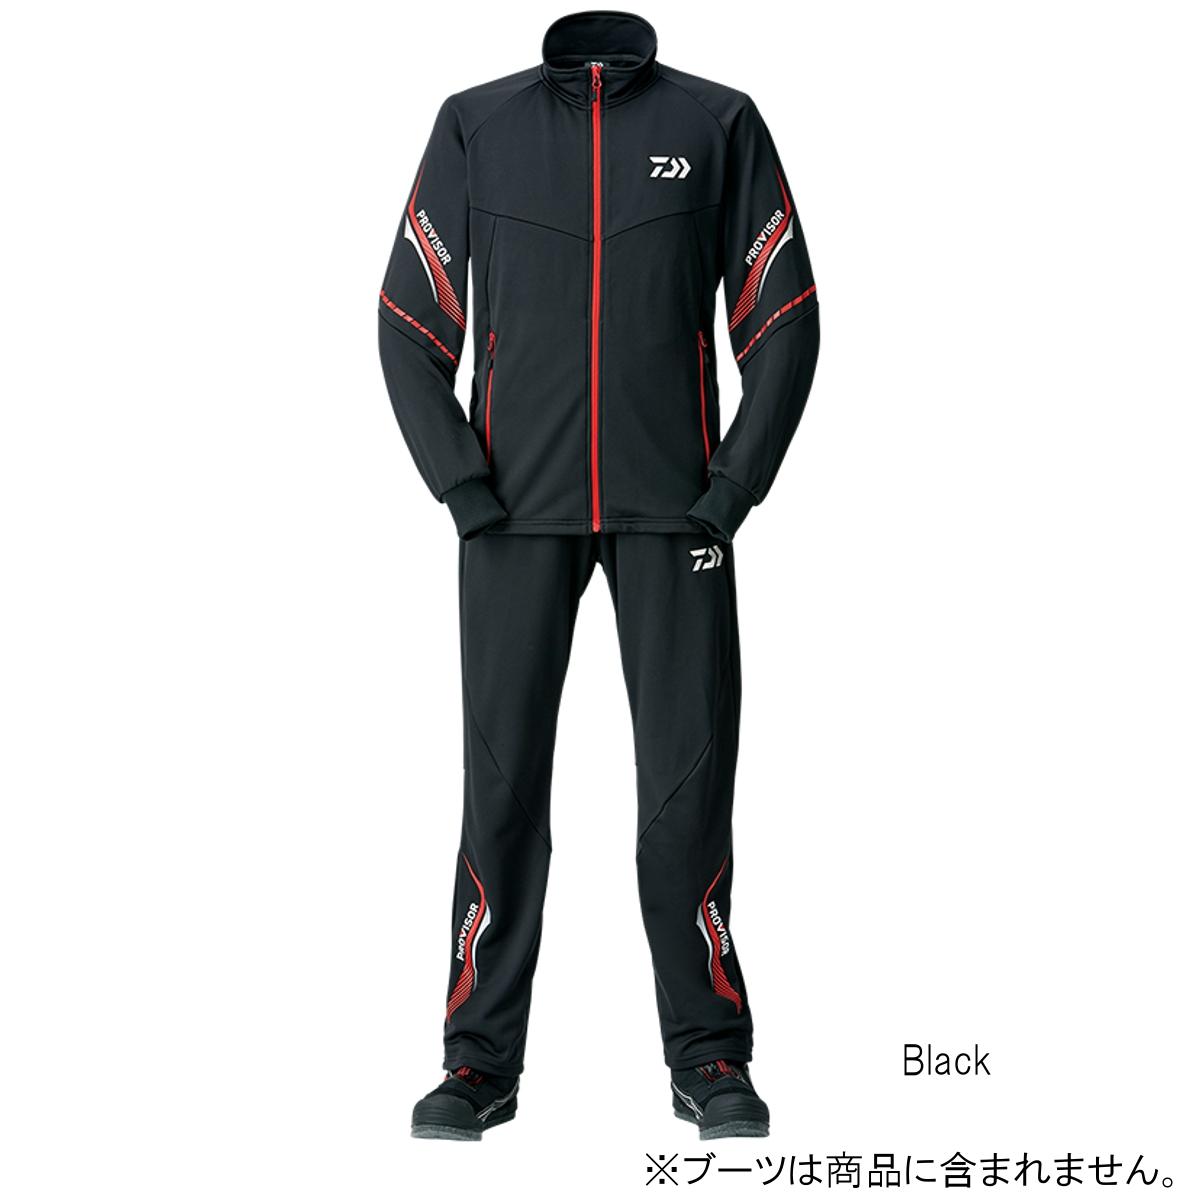 ダイワ プロバイザージャージスーツ DI-24008 M Black【送料無料】